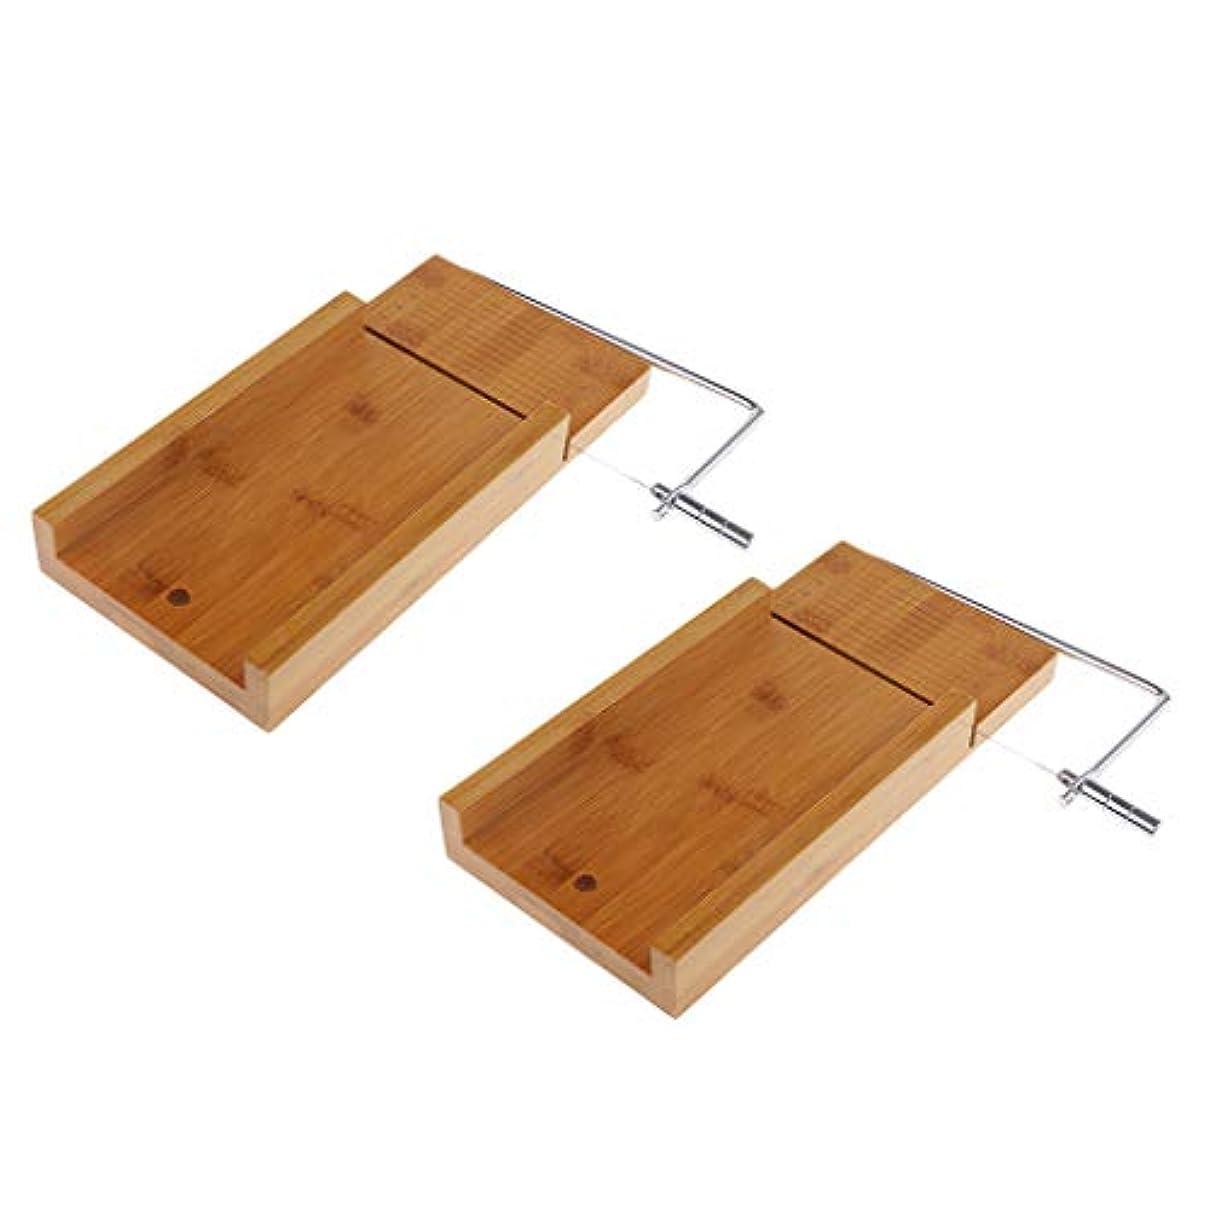 測定本物グラディスD DOLITY ソープカッター 台 木質 チーズナイフ せっけんカッター ワイヤー ソープスライサー 2個入り